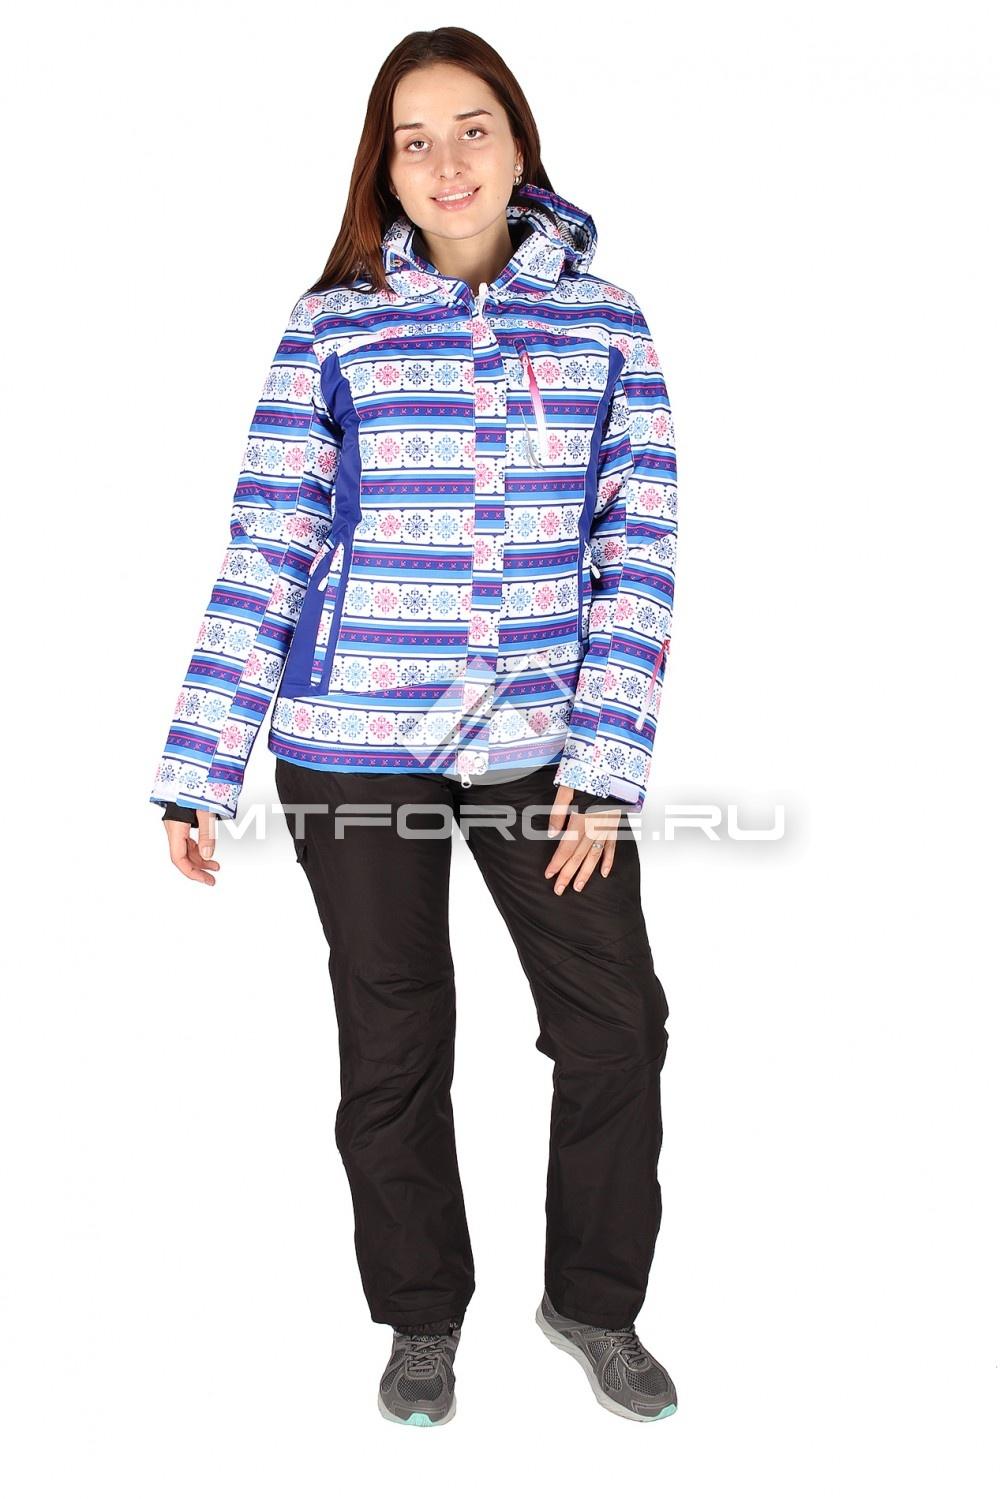 Купить                                  оптом Костюм горнолыжный женский синего цвета 01513-1S